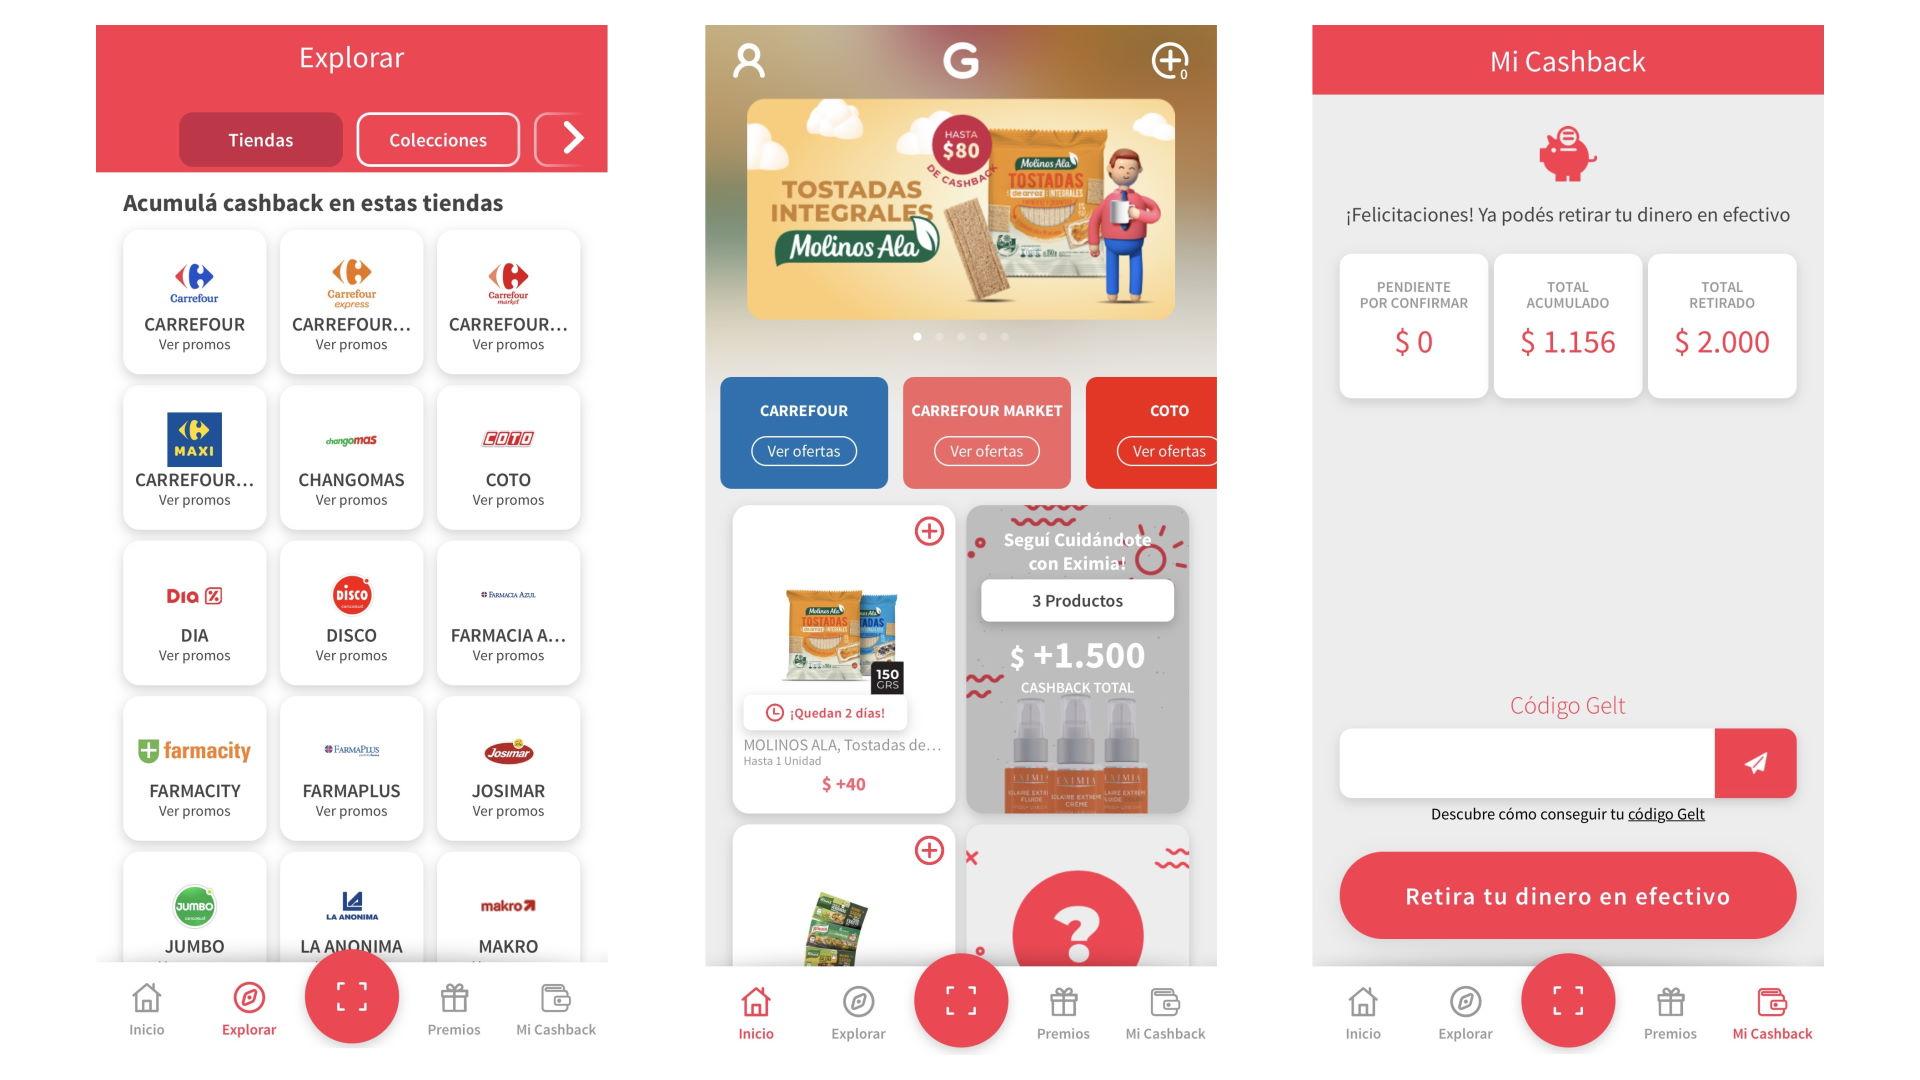 Gelt ofrece reintegros al comprar productos en los principales supermercados